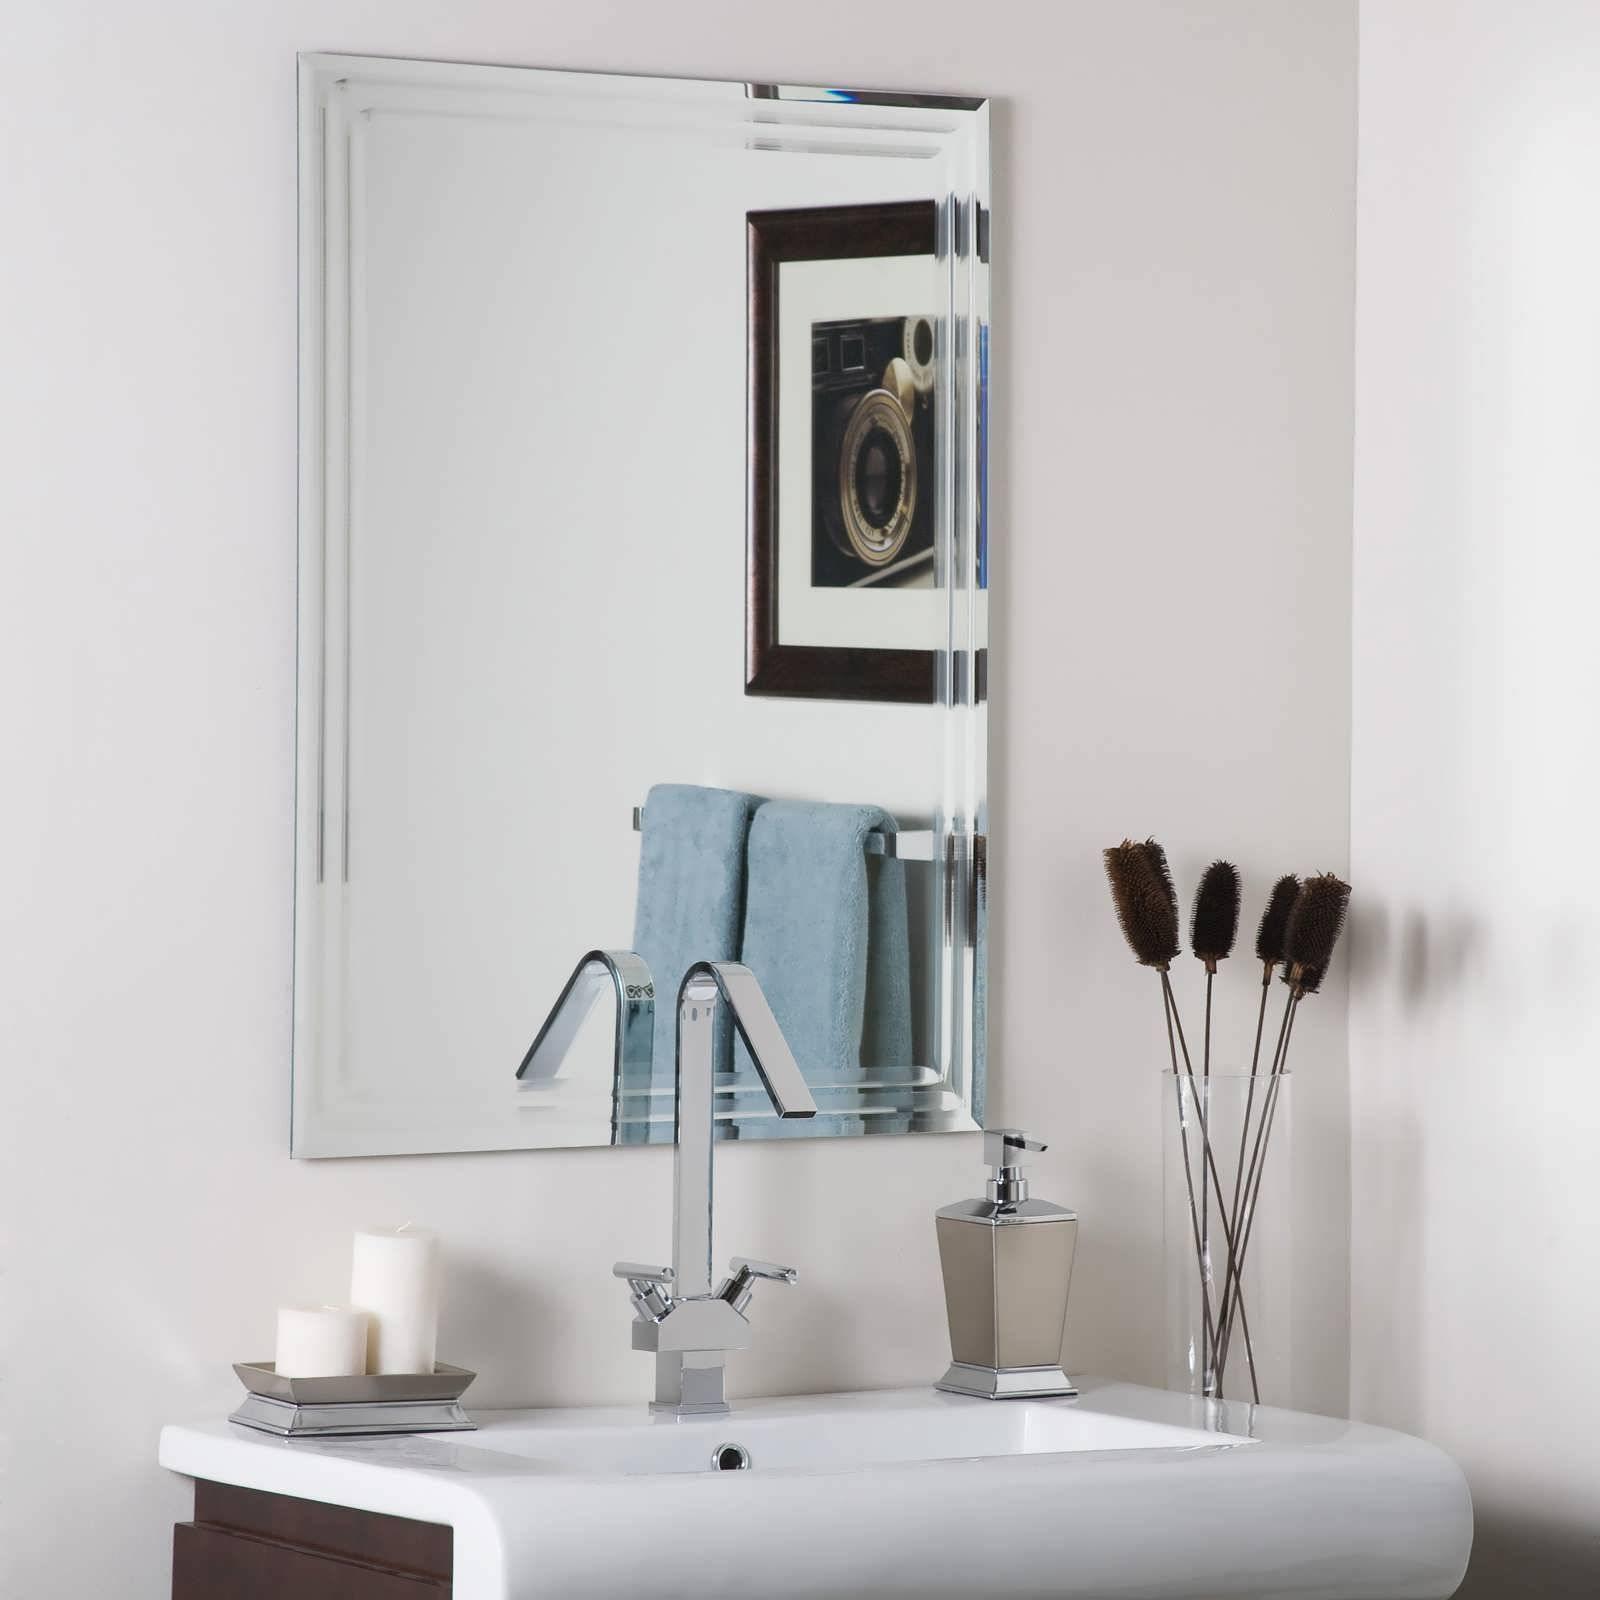 Bathroom : Entryway Mirror Art Deco Mirror Restroom Mirror Funky with Unusual Mirrors for Bathrooms (Image 5 of 25)